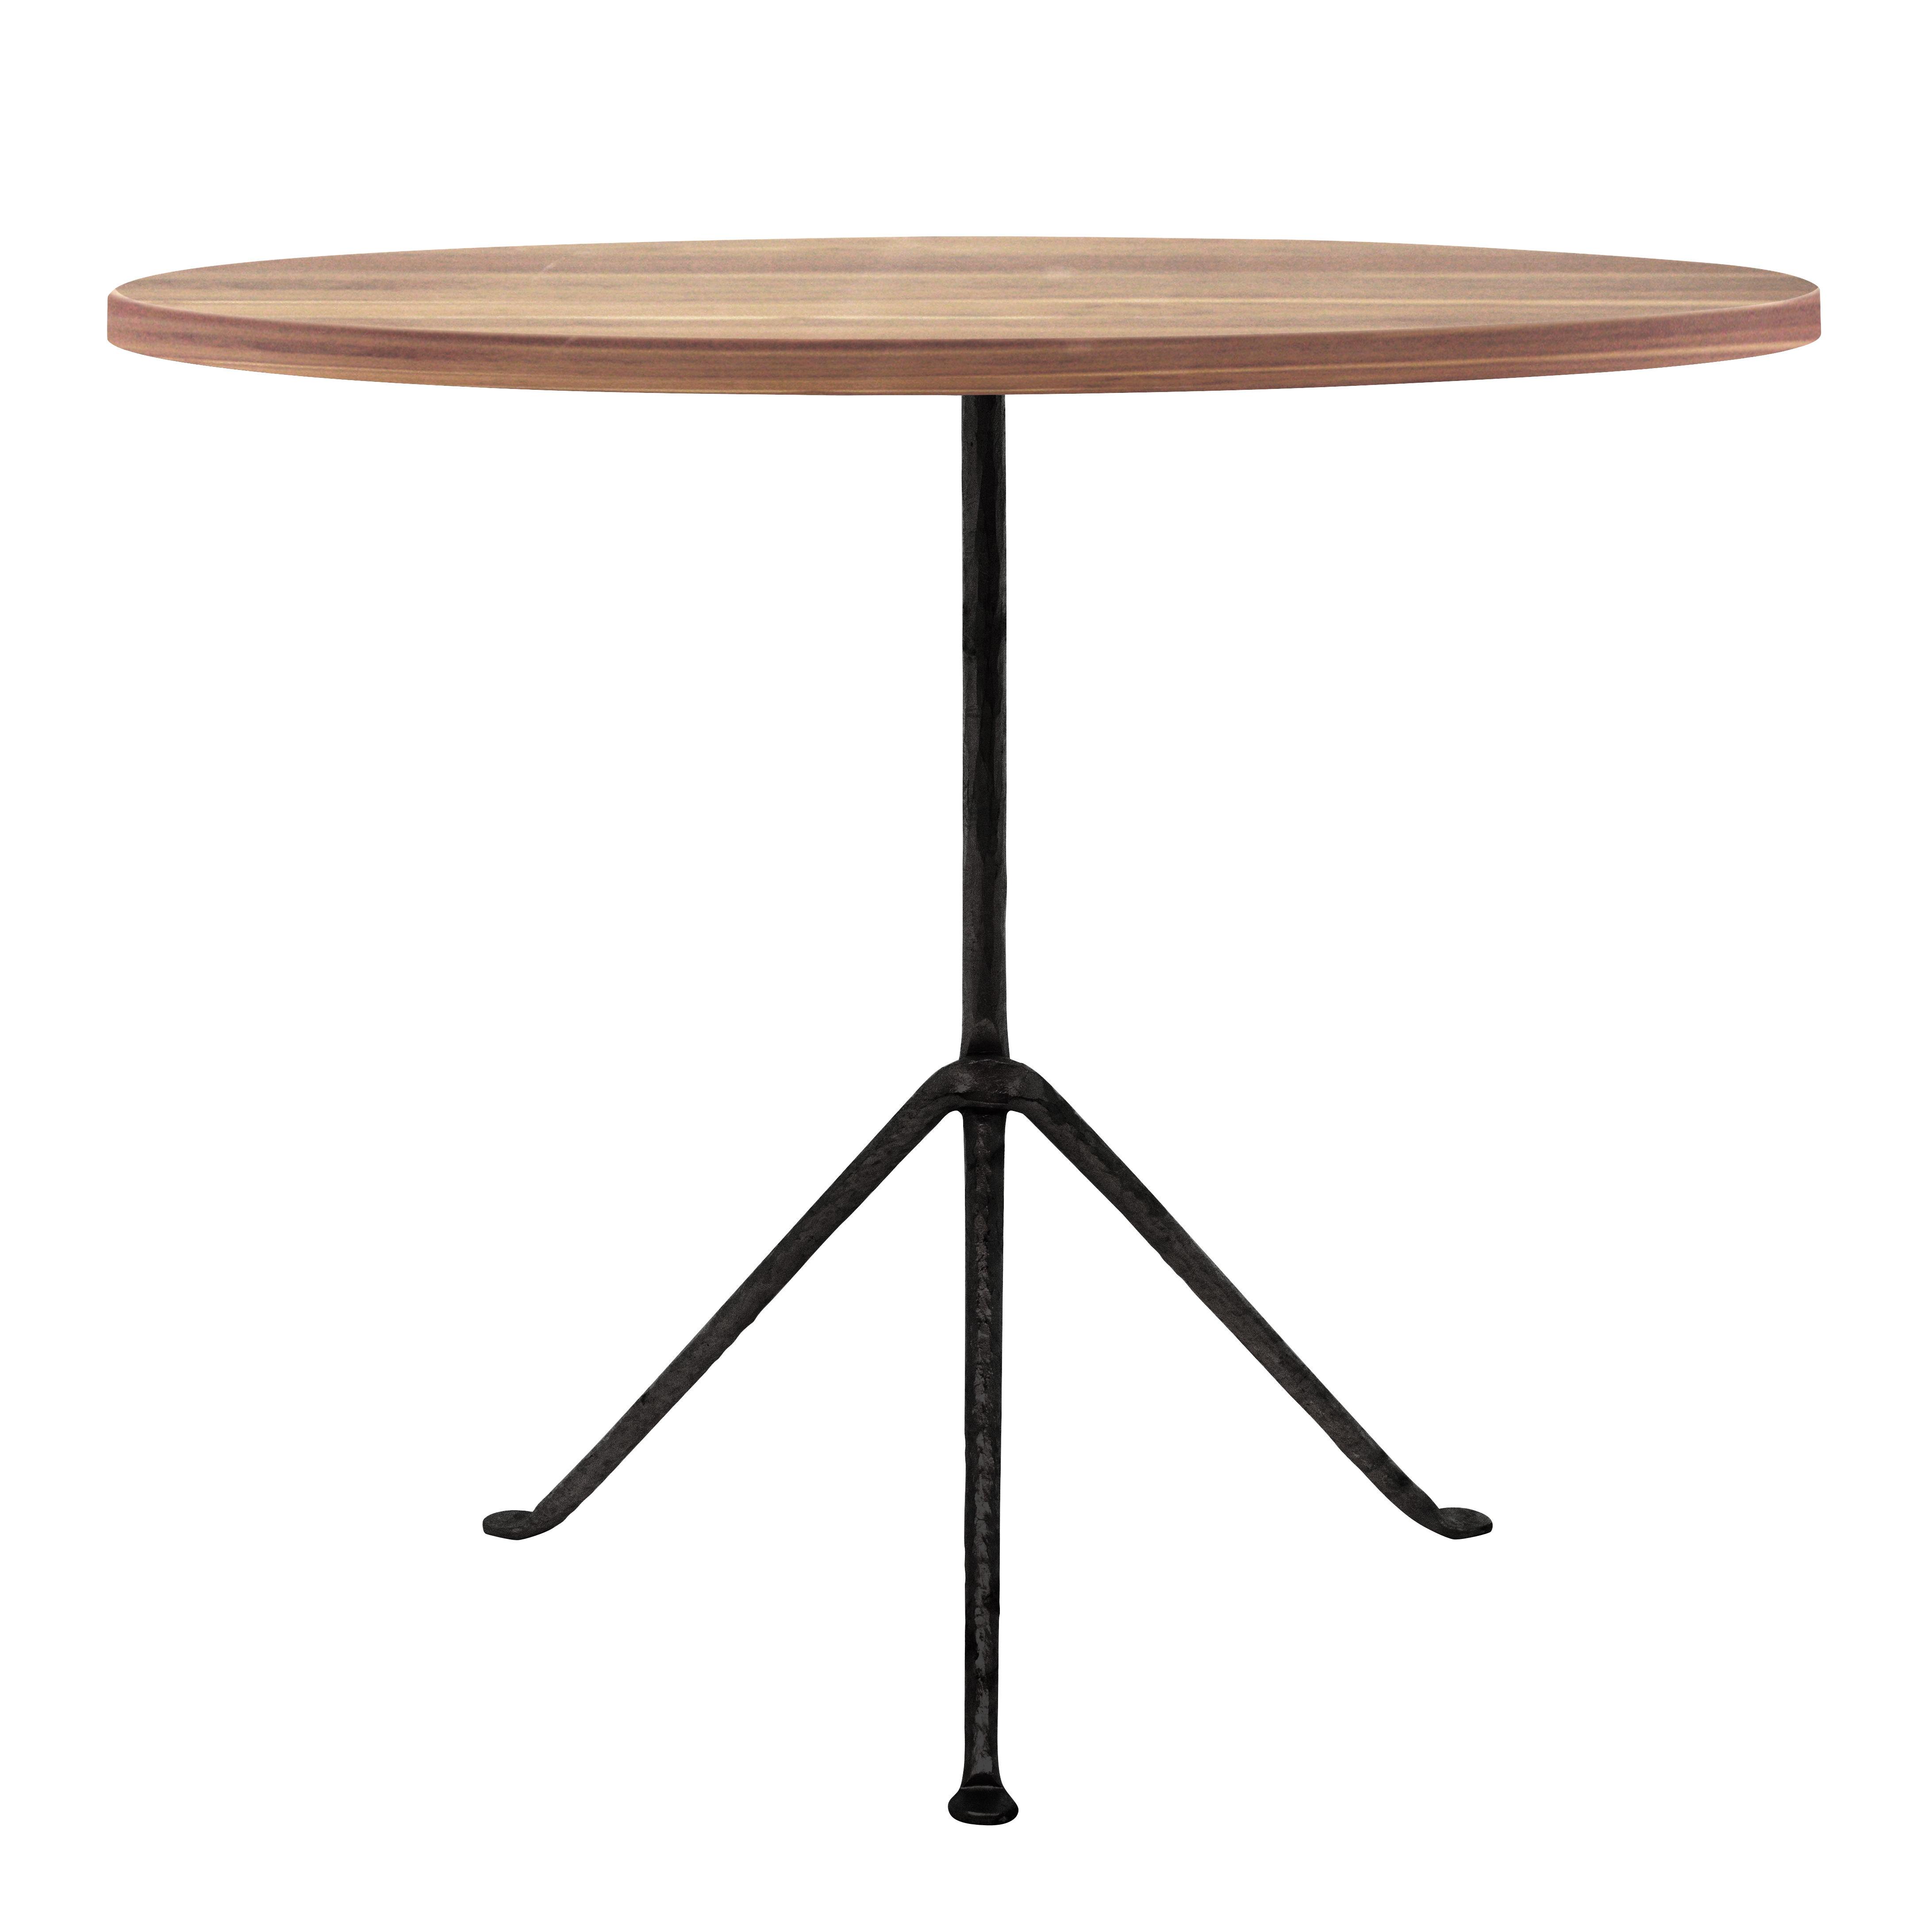 Table Officina Outdoor Magis - Frêne foncé / Pieds noirs - h 75 x Ø ...